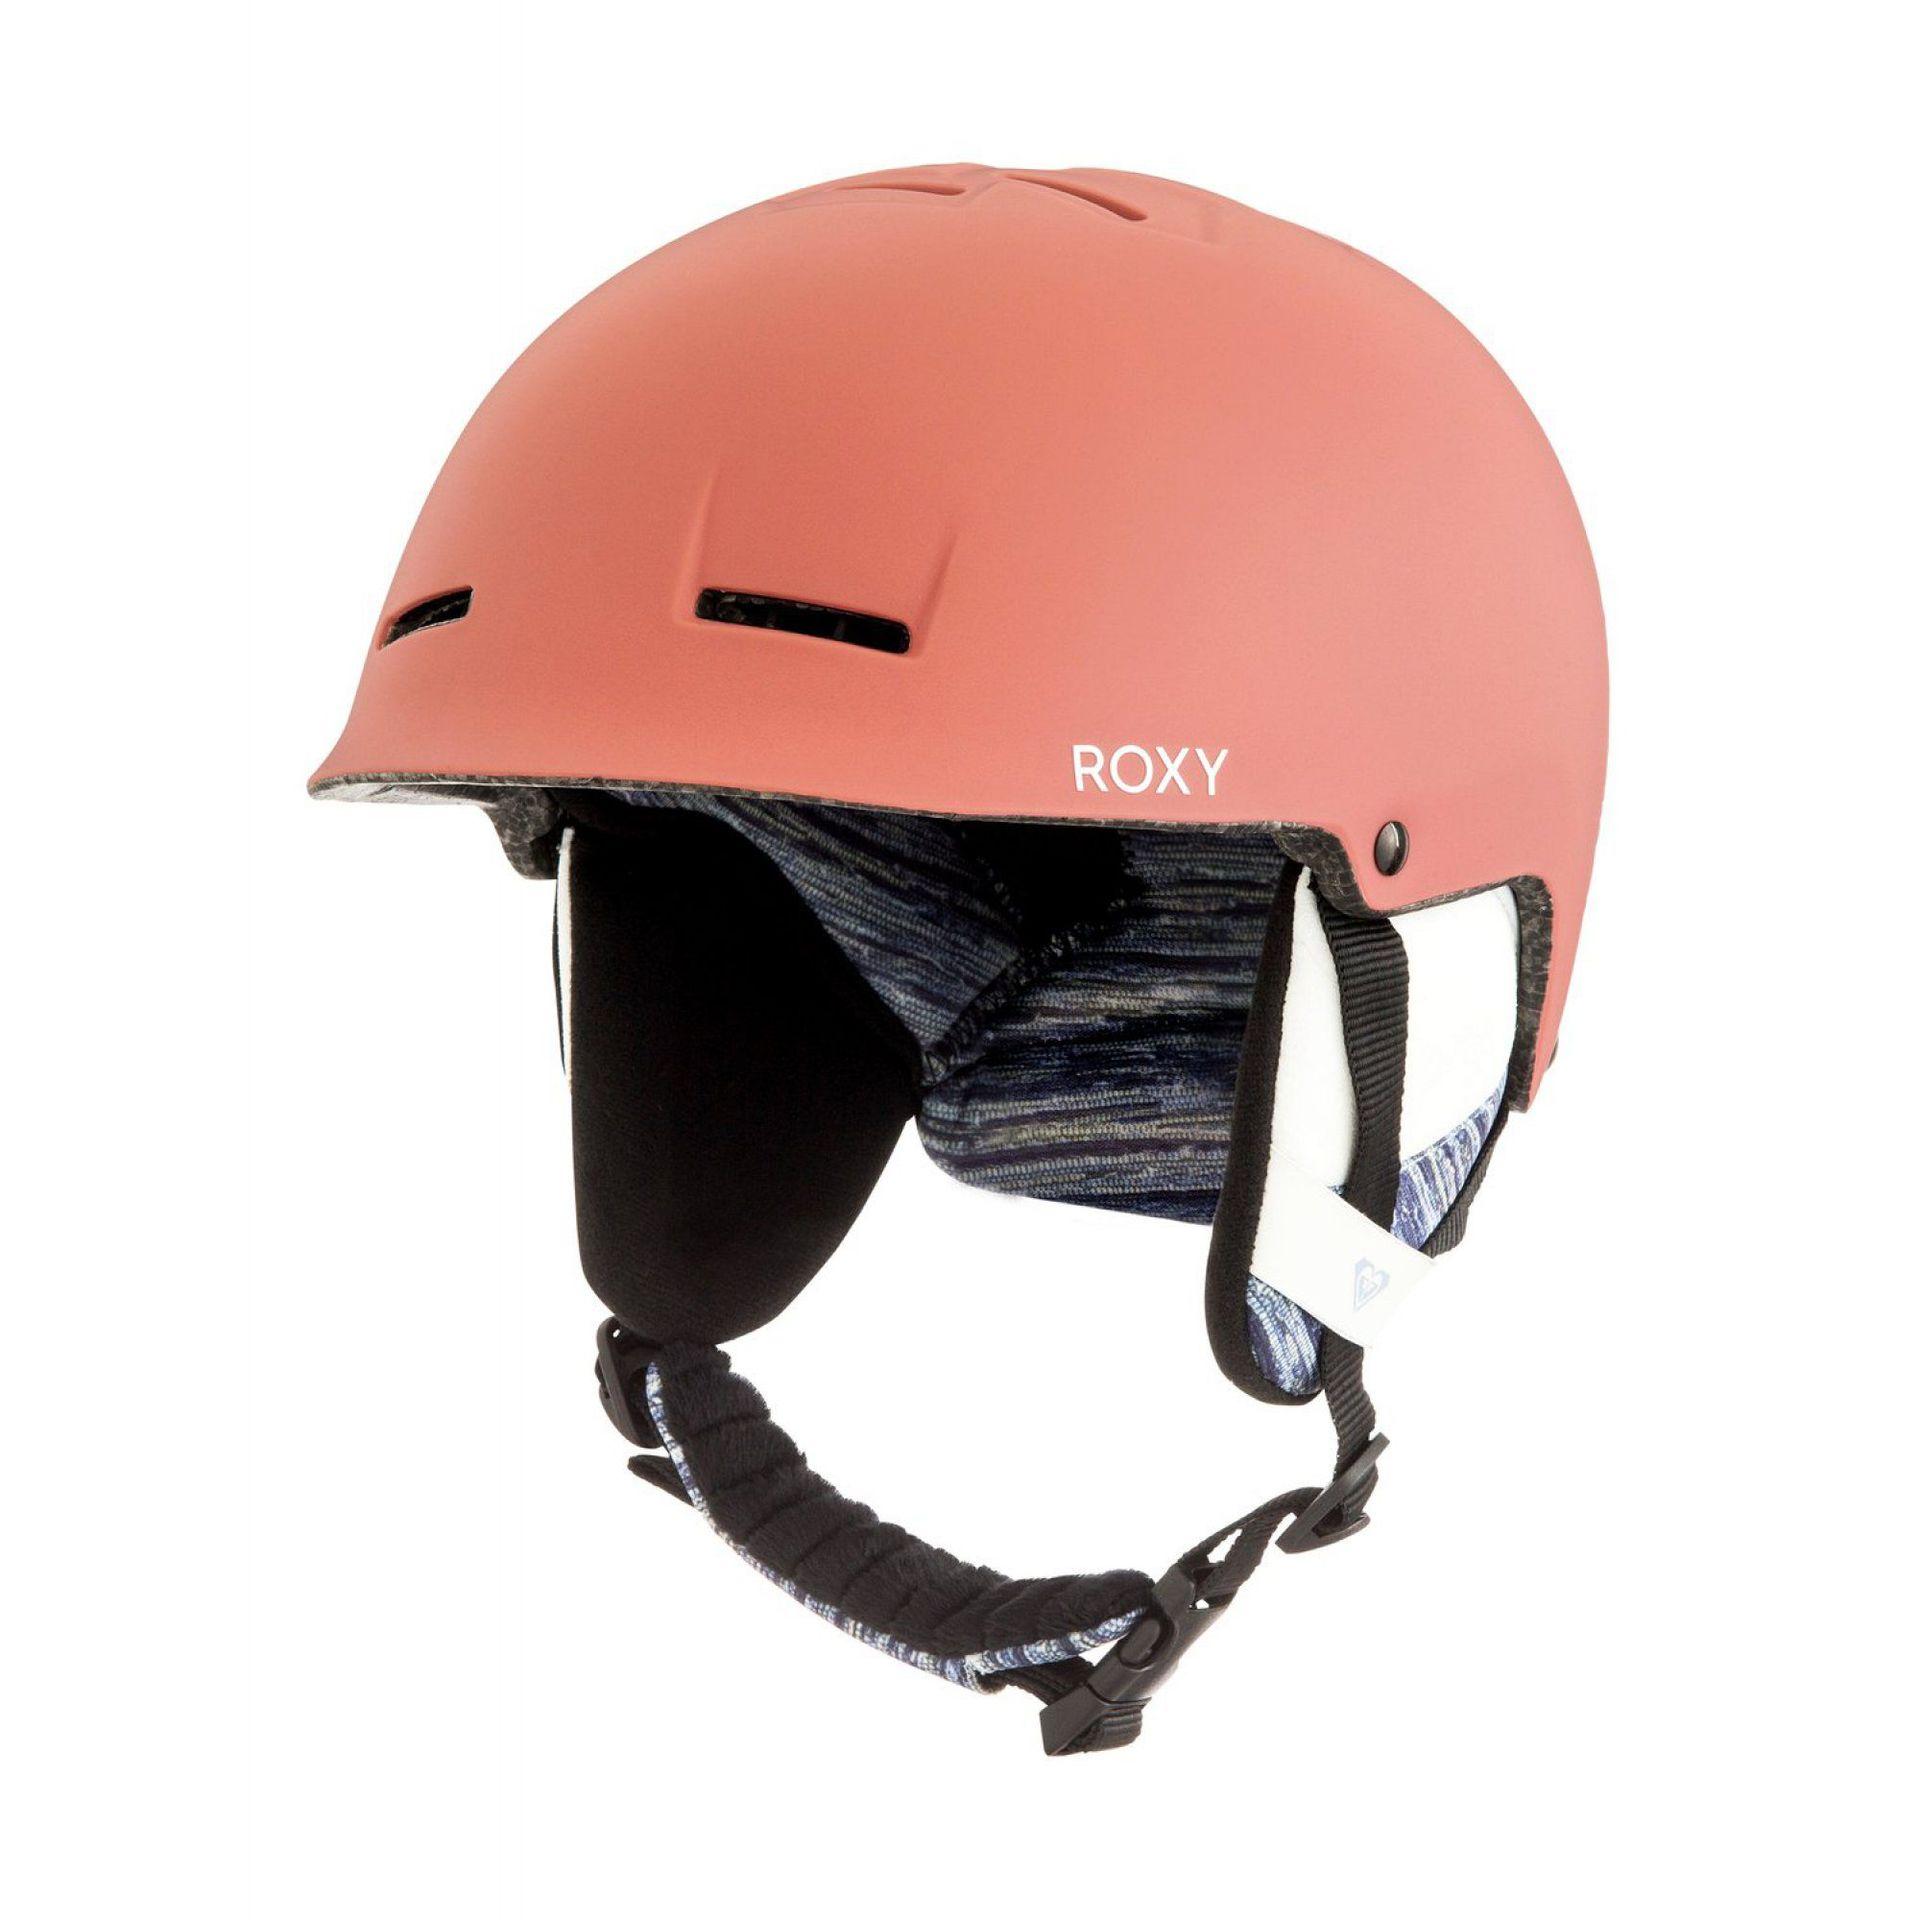 KASK ROXY AVERY ERJTL03031 BQY3